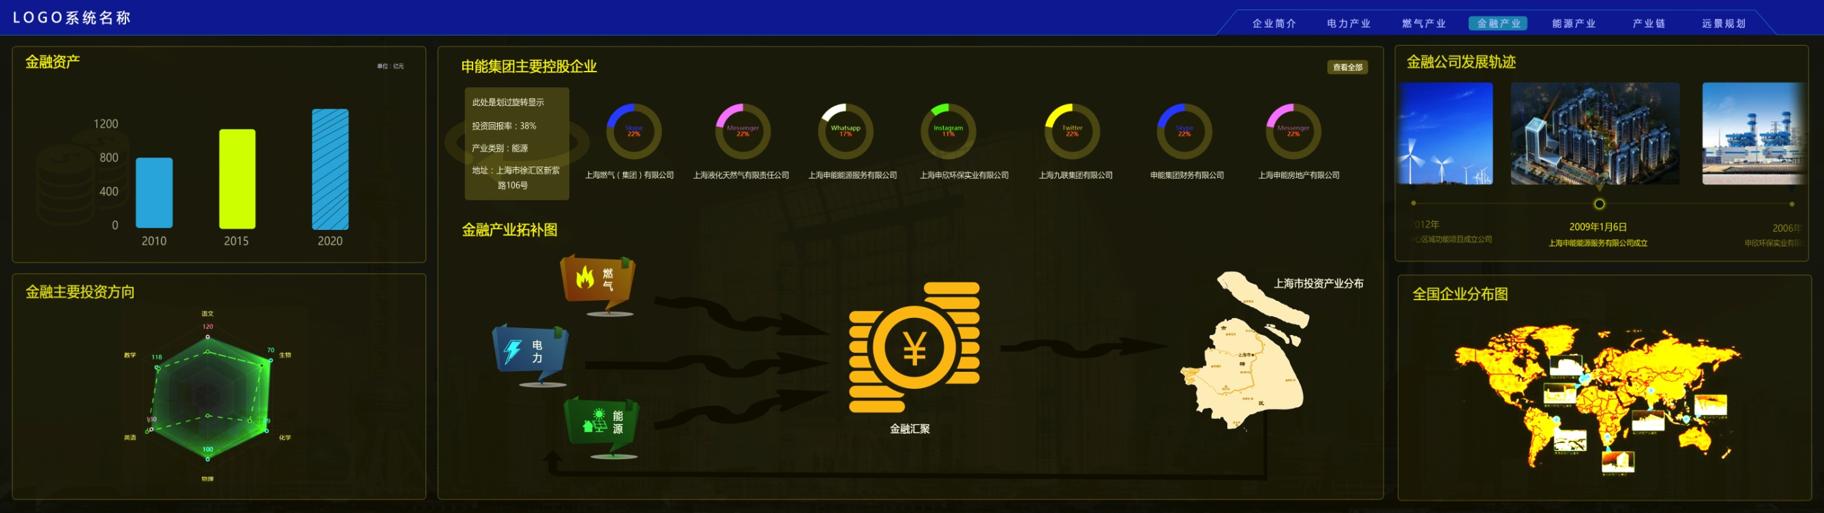 利亚德能源应急控制系统大屏界面设计